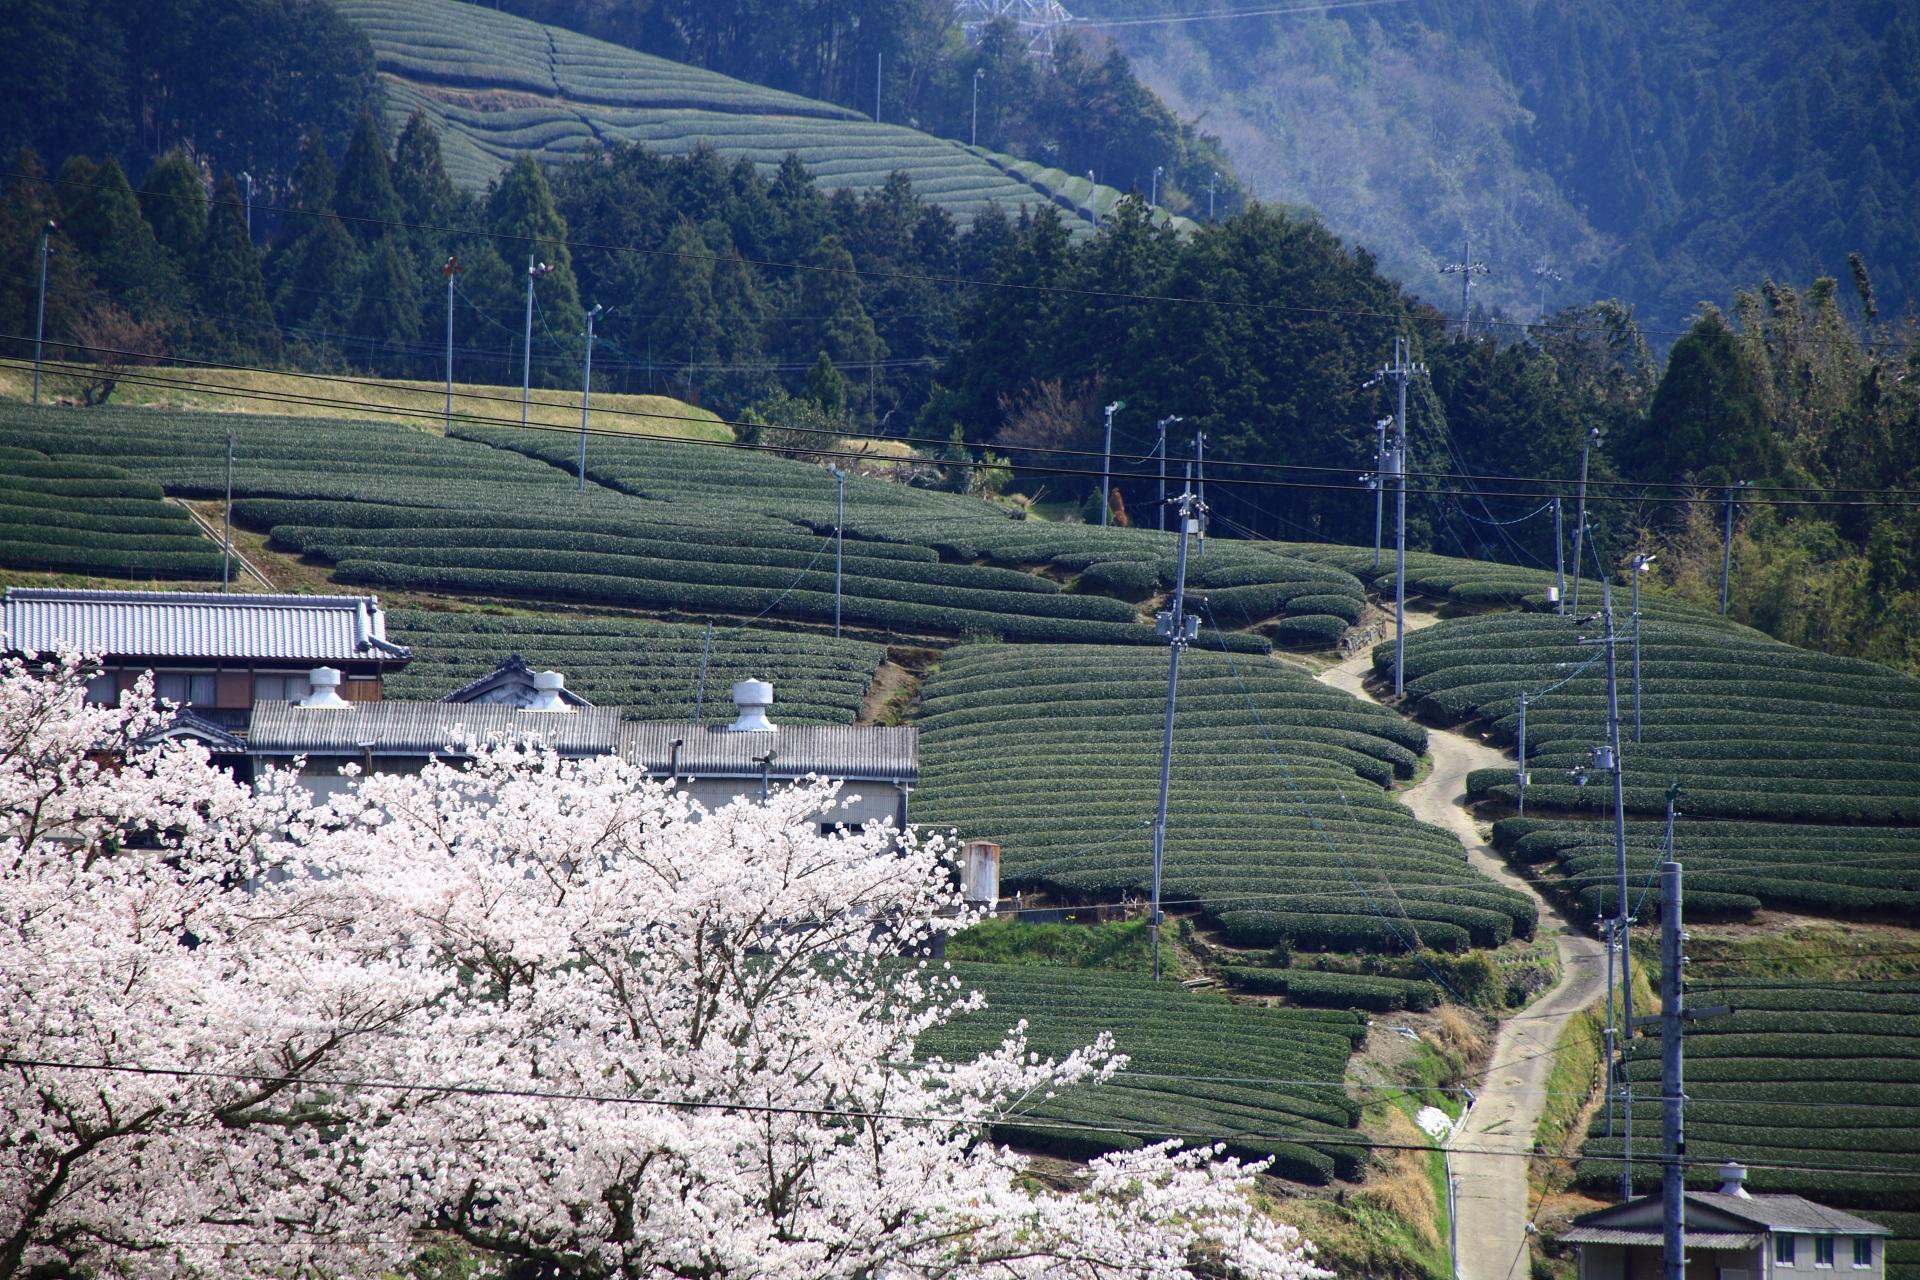 和束町の華やかな桜の向こうに広がる茶畑